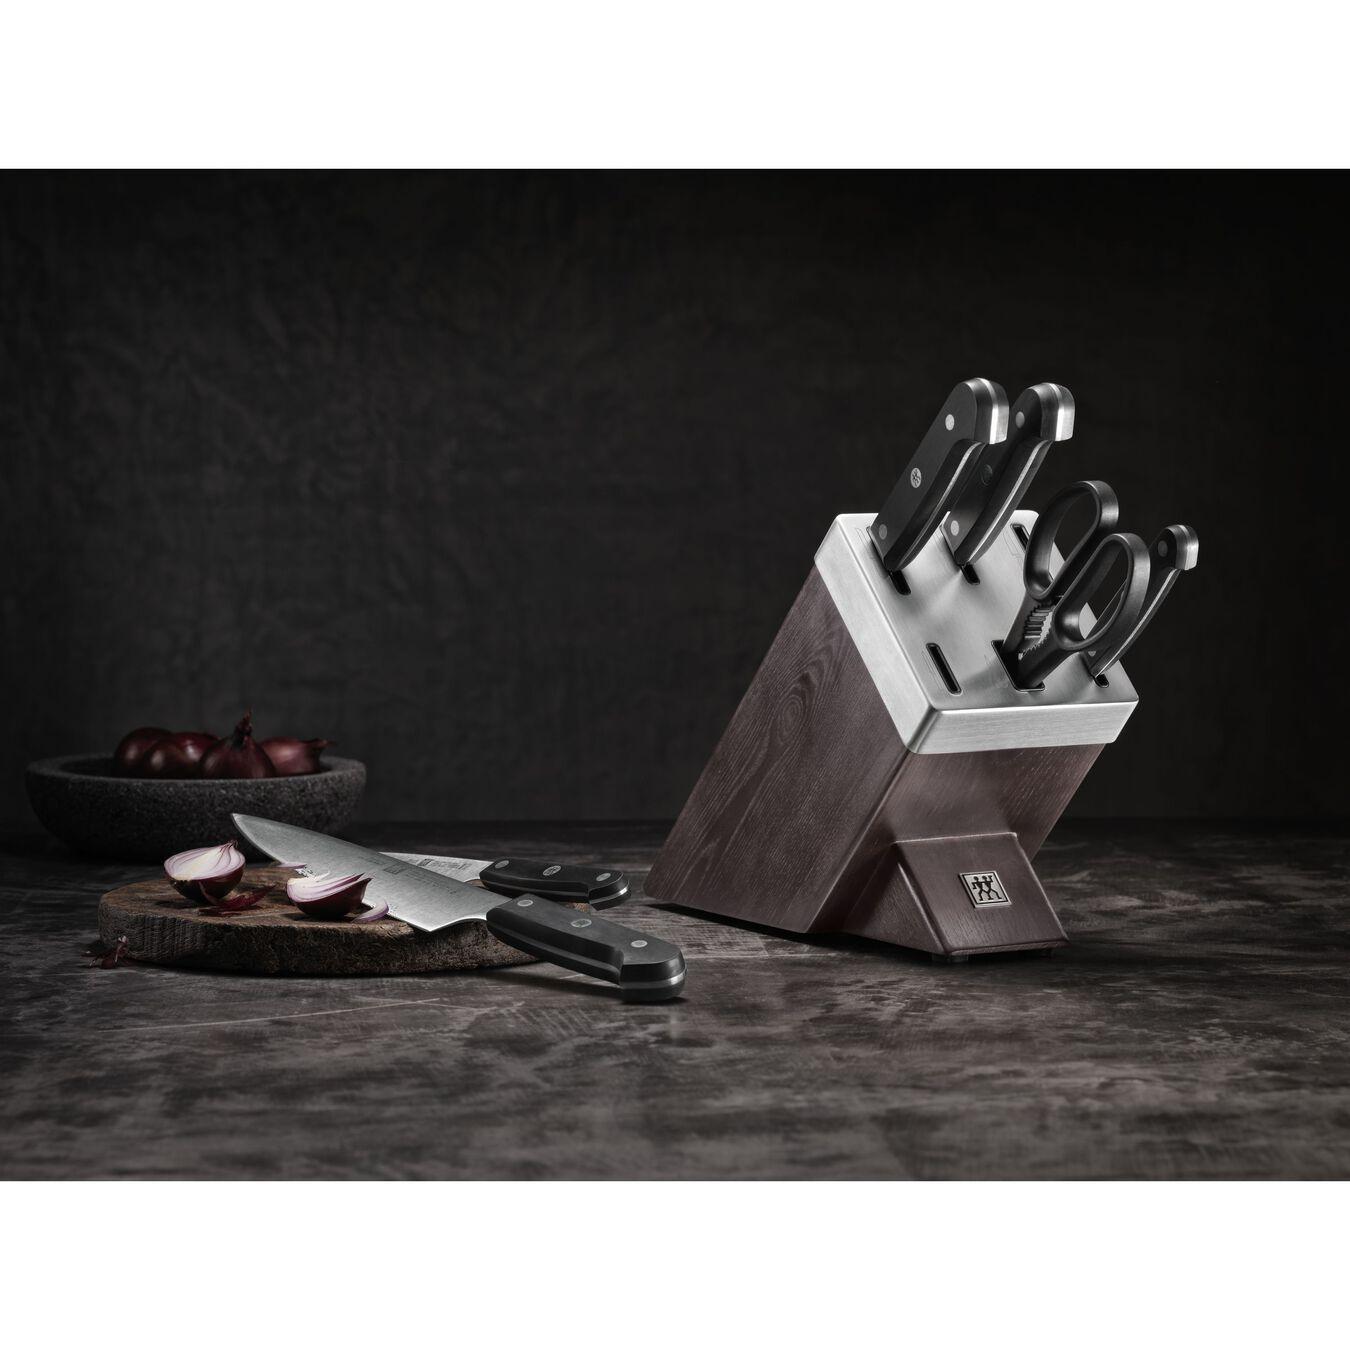 Blok Bıçak Seti Kendinden Bilemeli | dişbudak ağacı | 7-parça,,large 7